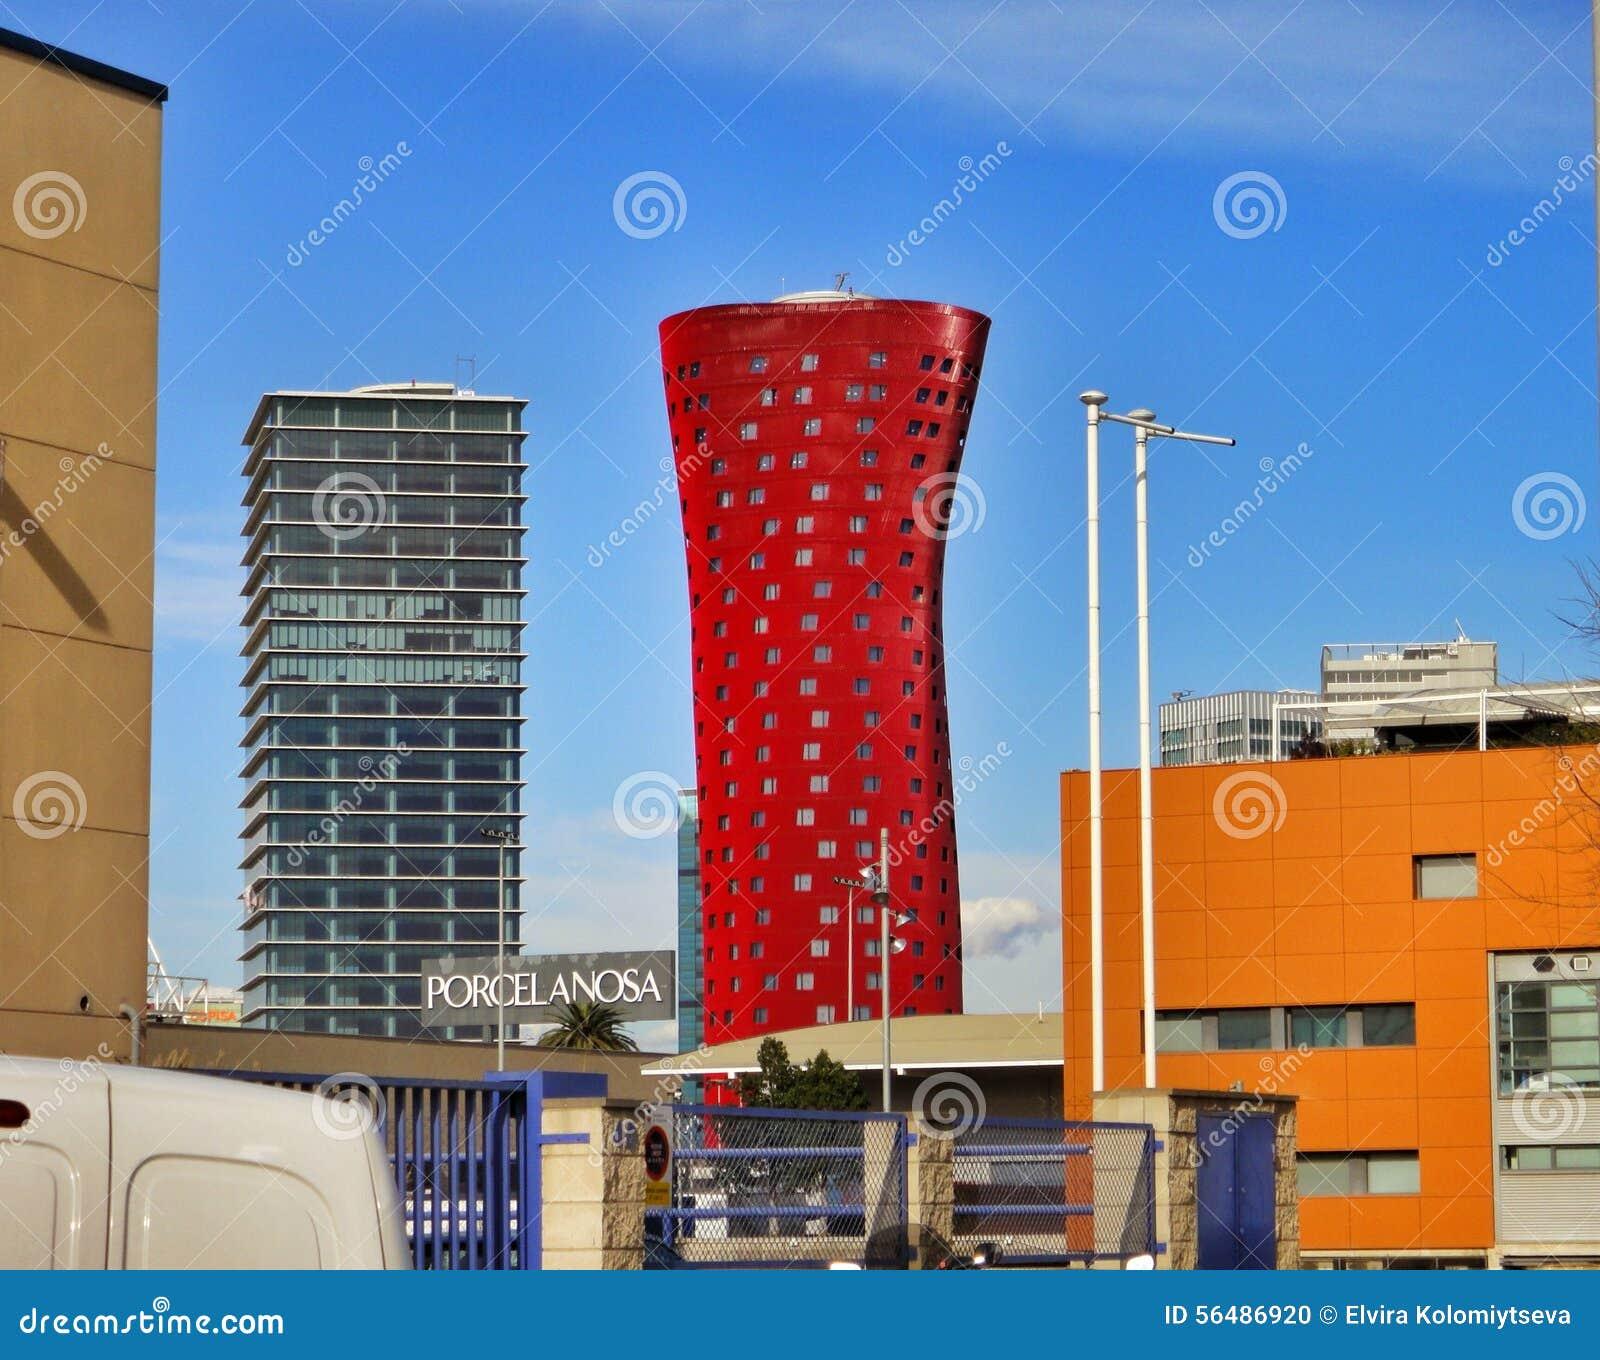 Hôtel Porta Fira à Barcelone, Espagne